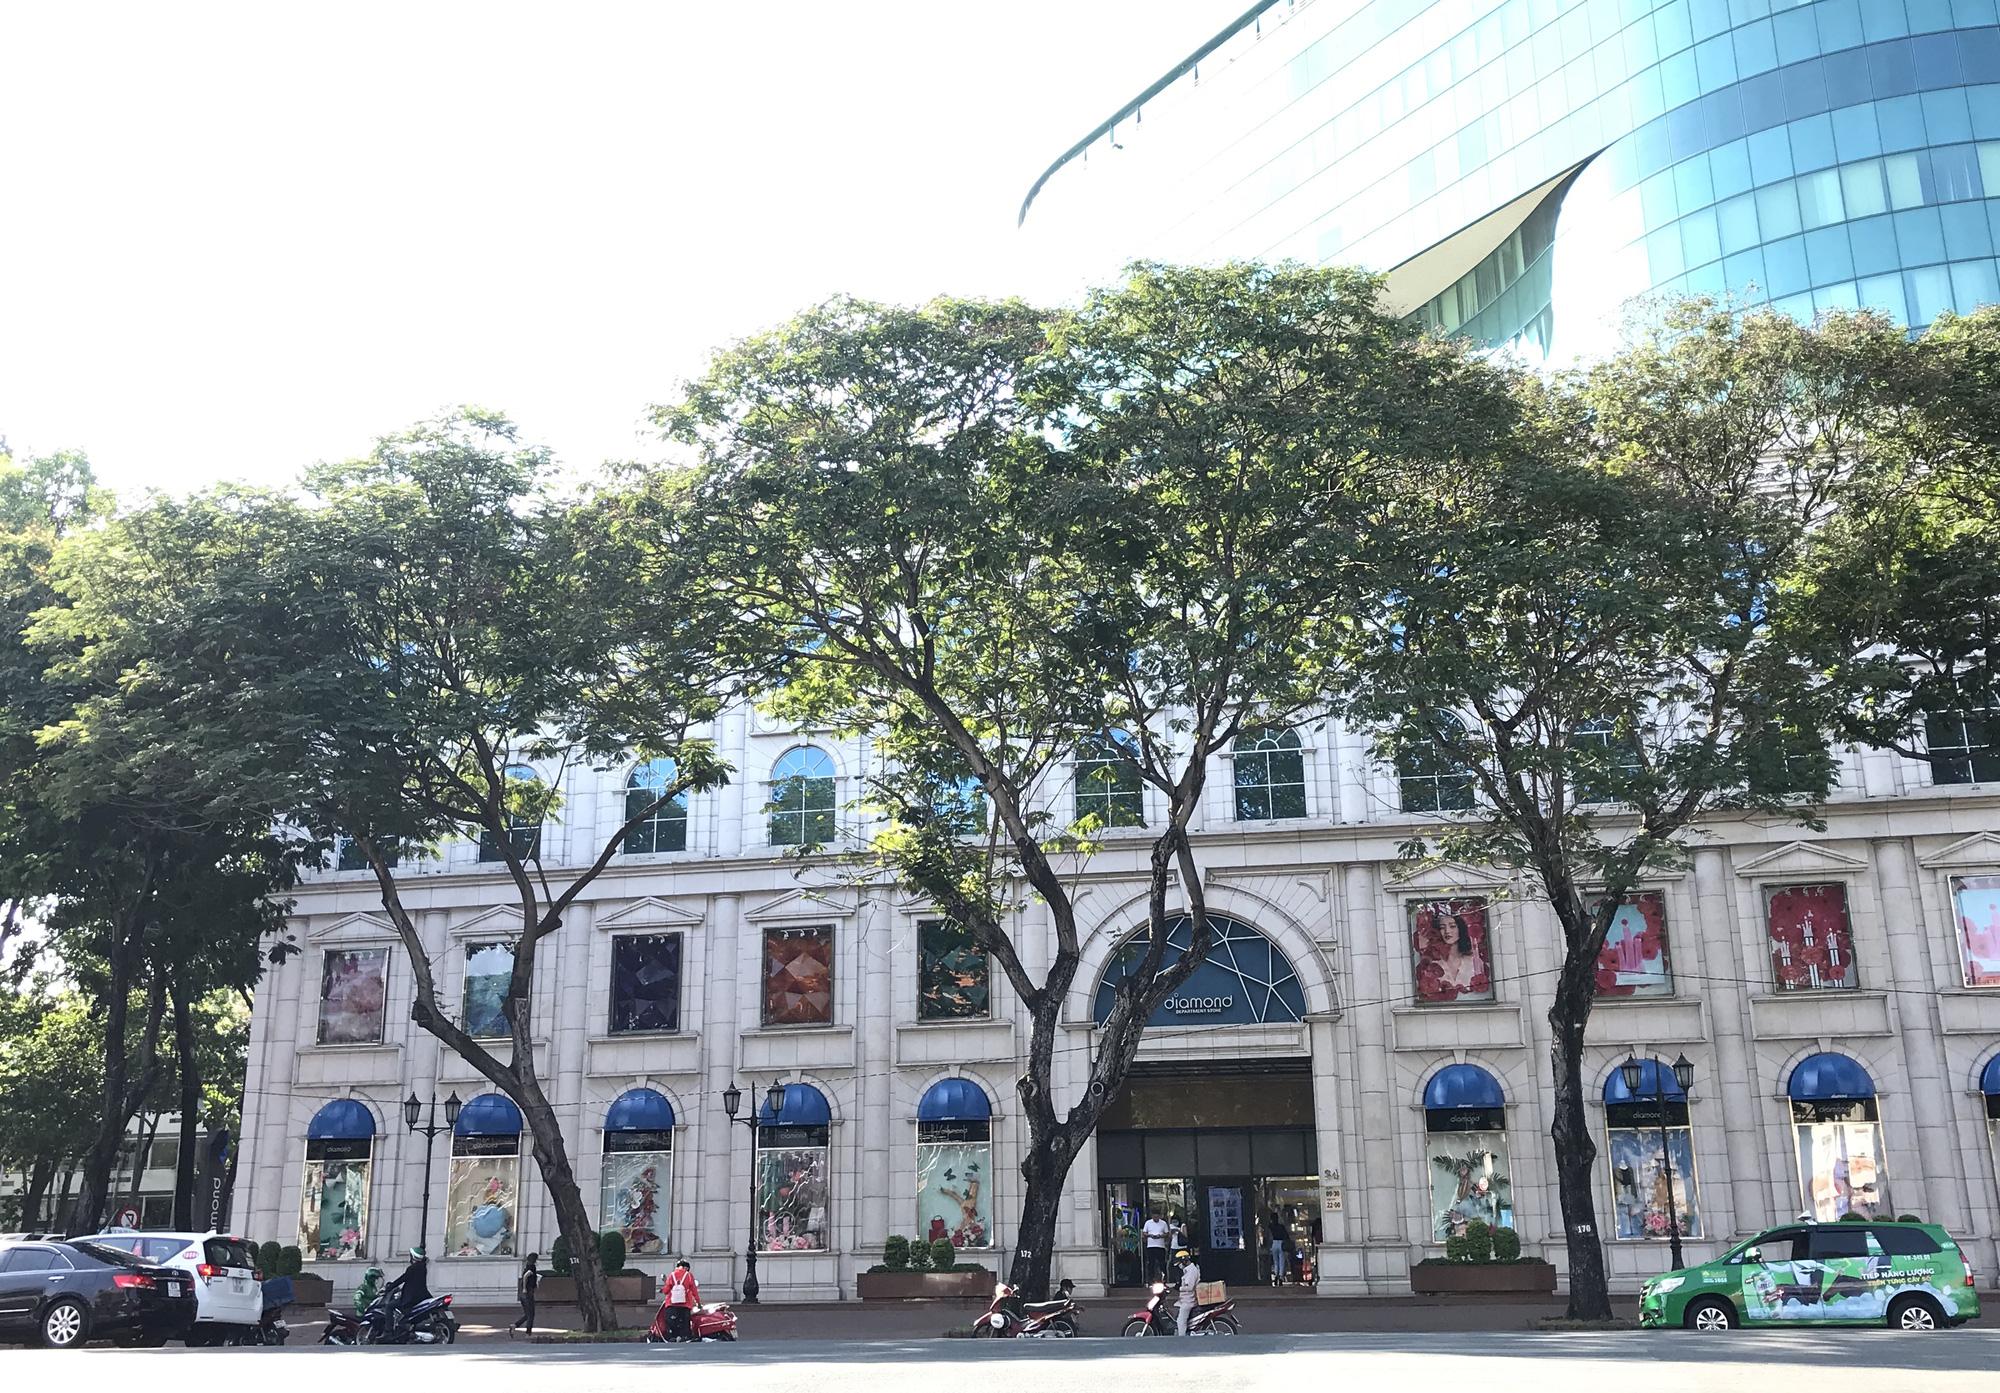 Liên tiếp xuất hiện ca nhiễm Covid-19, đường Sài Gòn vắng tanh, Vincom Đồng Khởi không một bóng người - Ảnh 8.